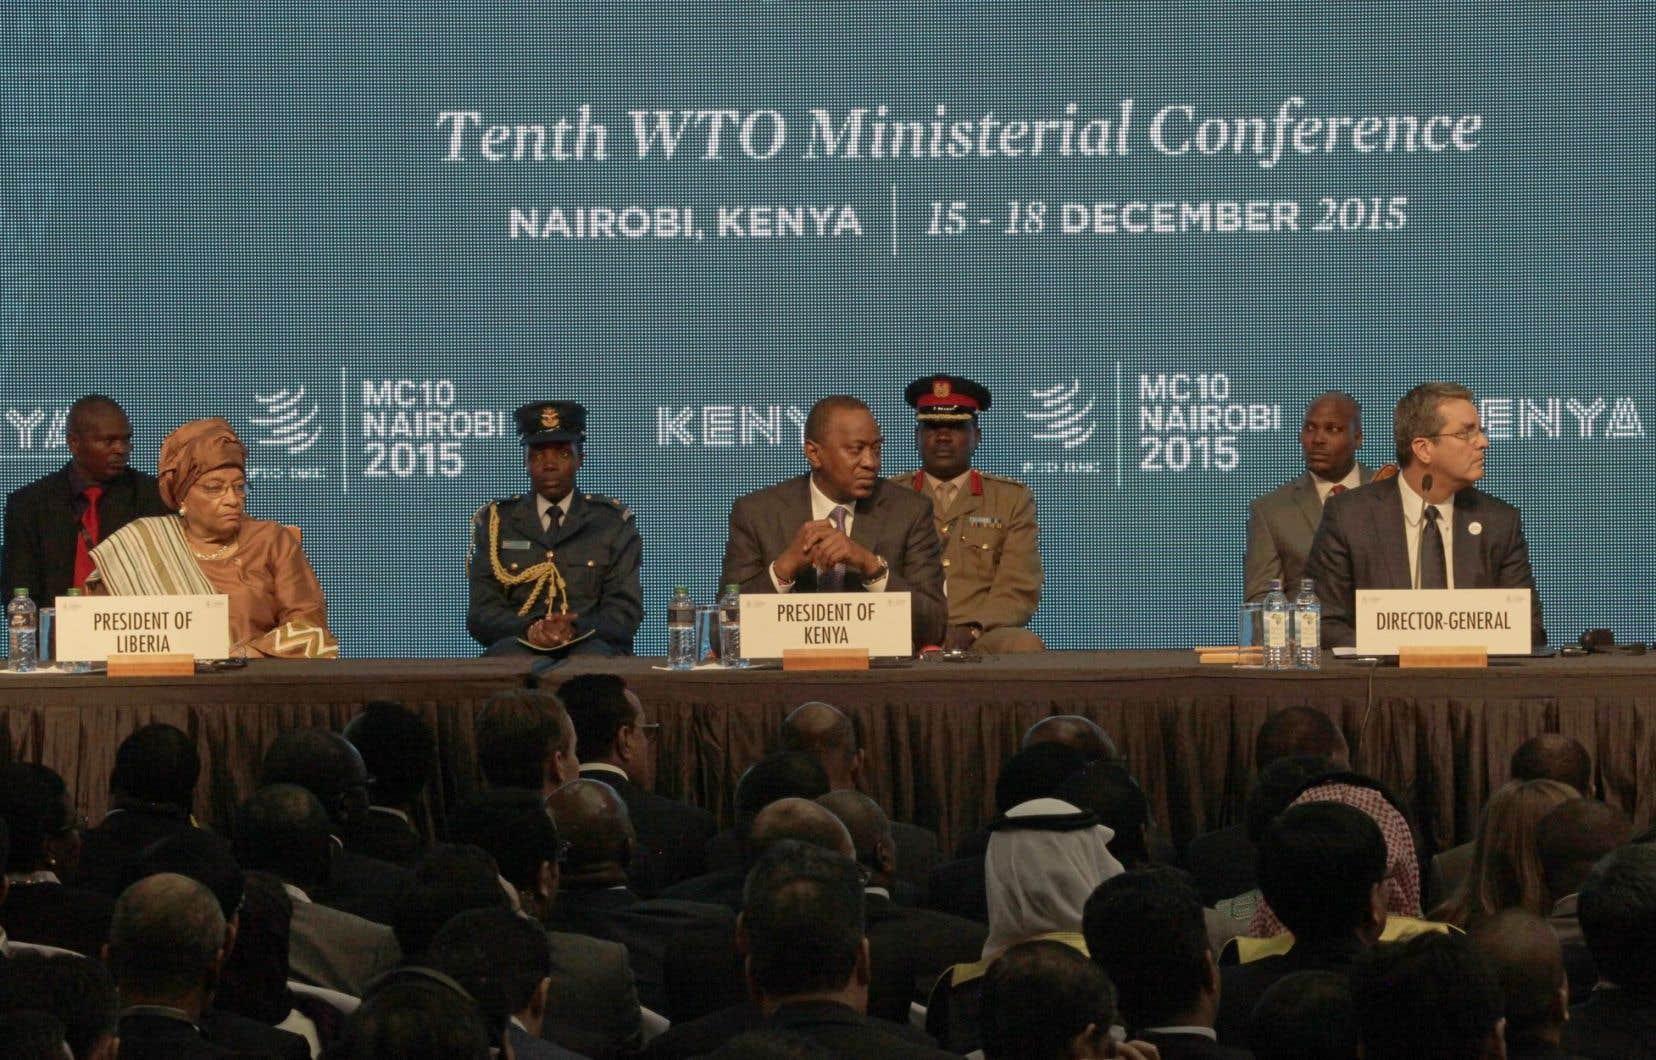 Le directeur général de l'Organisation mondiale du commerce, Roberto Azevêdo (à droite), en compagnie de la présidente du Libéria et du président du Kenya